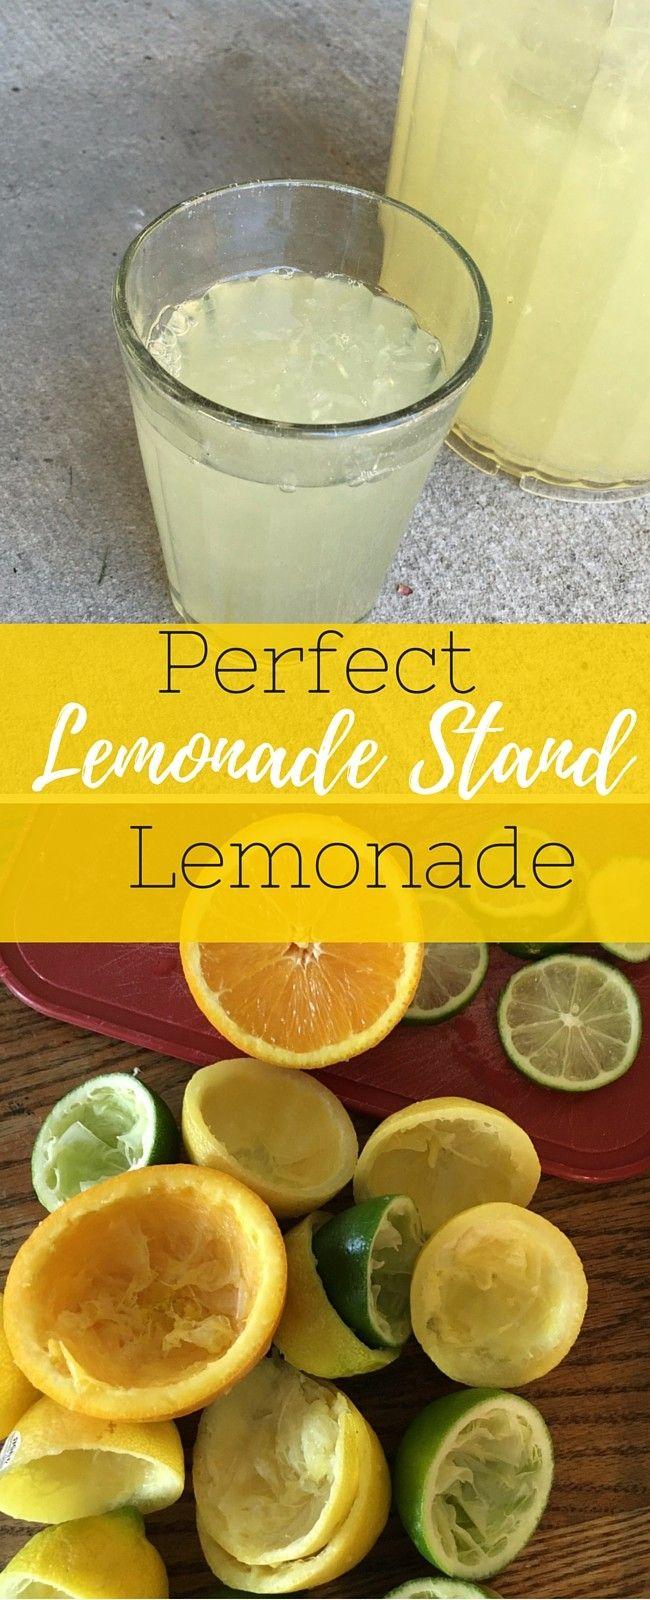 The Best Lemonade Stand Lemonade #homemadelemonaderecipes